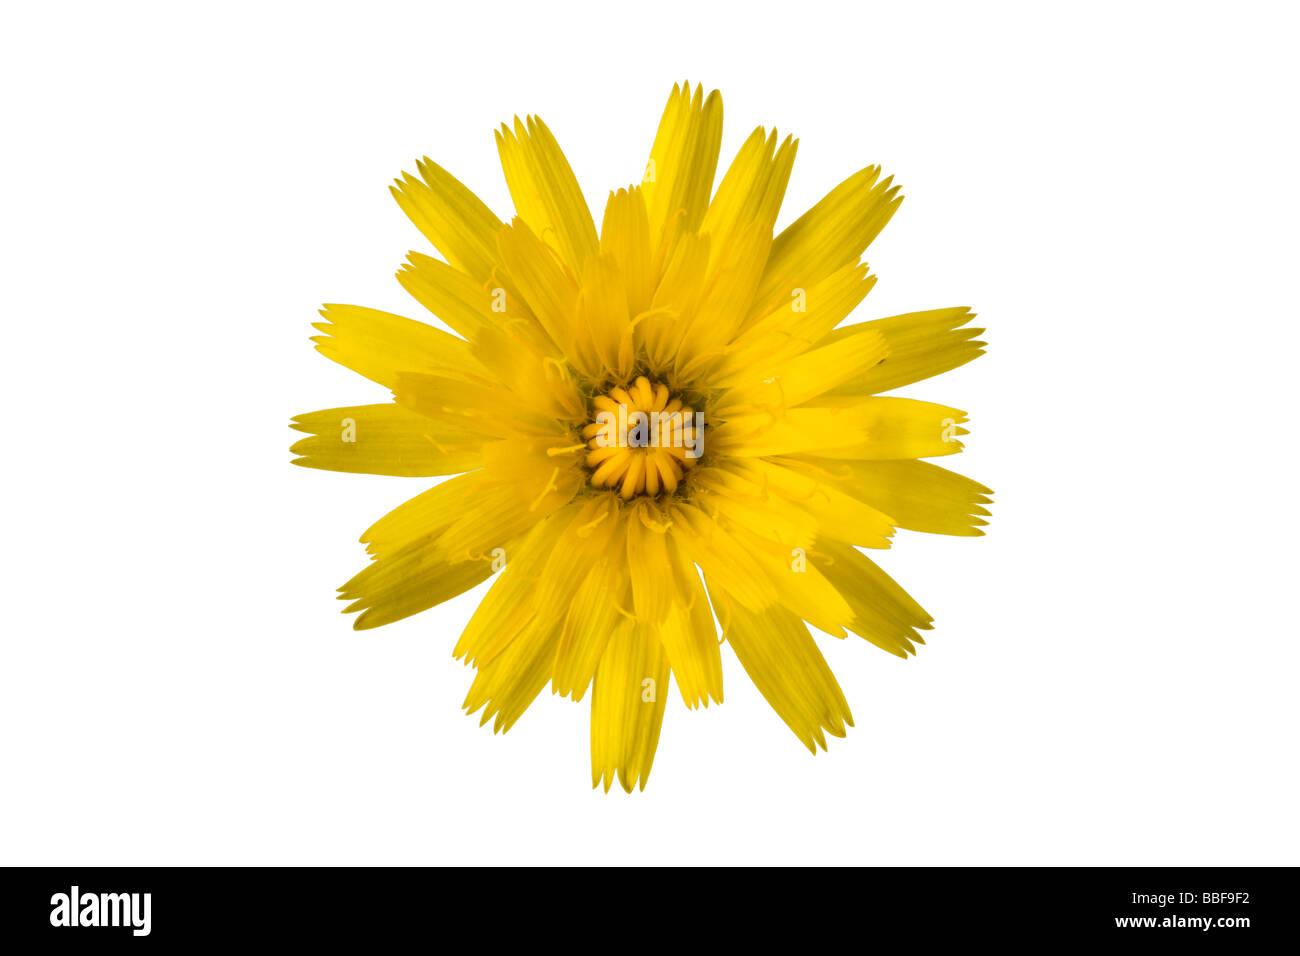 Gatto in-ear, Hypochaeris radicata, fiore. Regno Unito. Immagini Stock